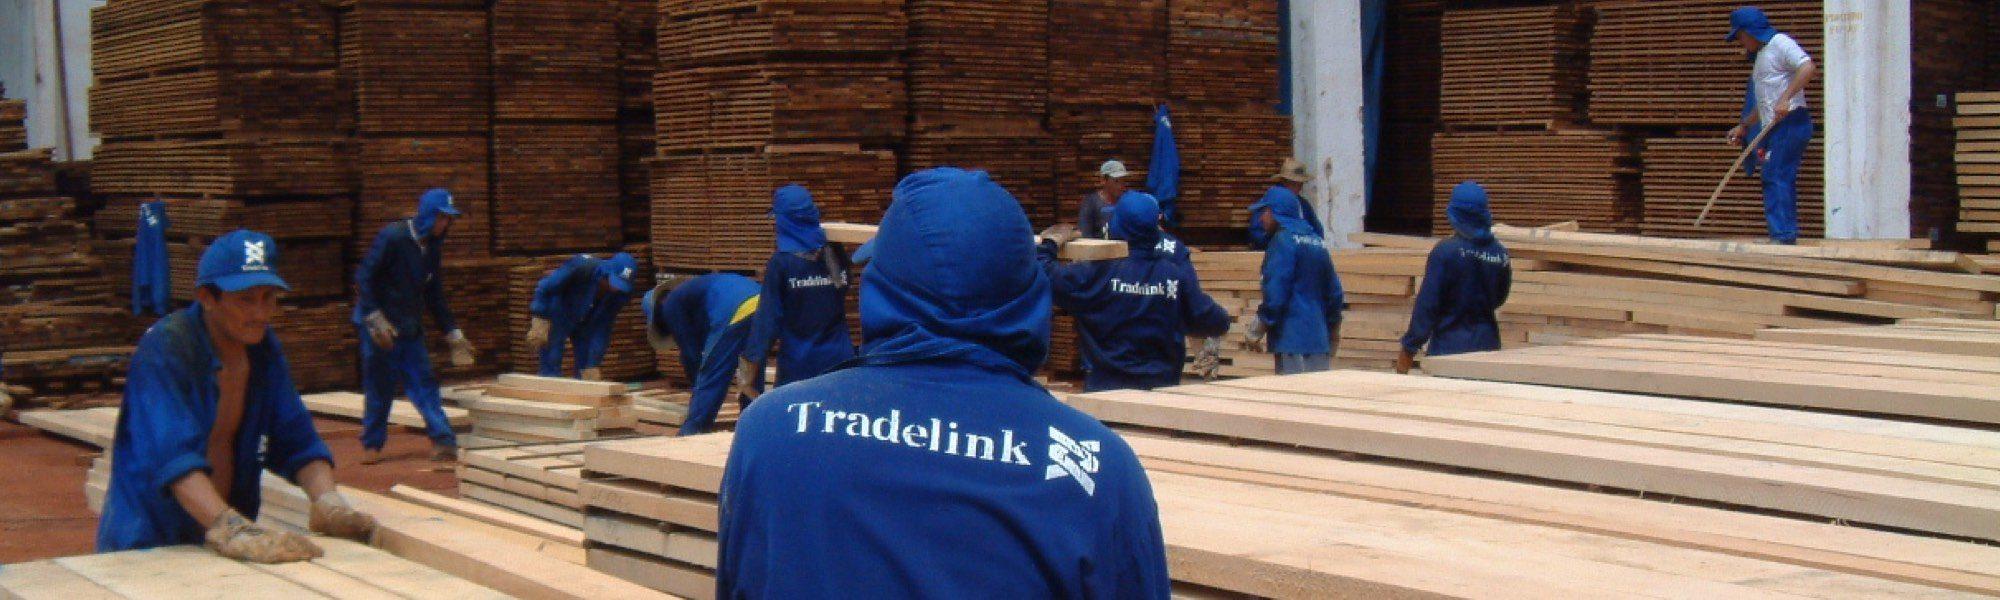 tradelink mažmeninės prekybos sistemos)